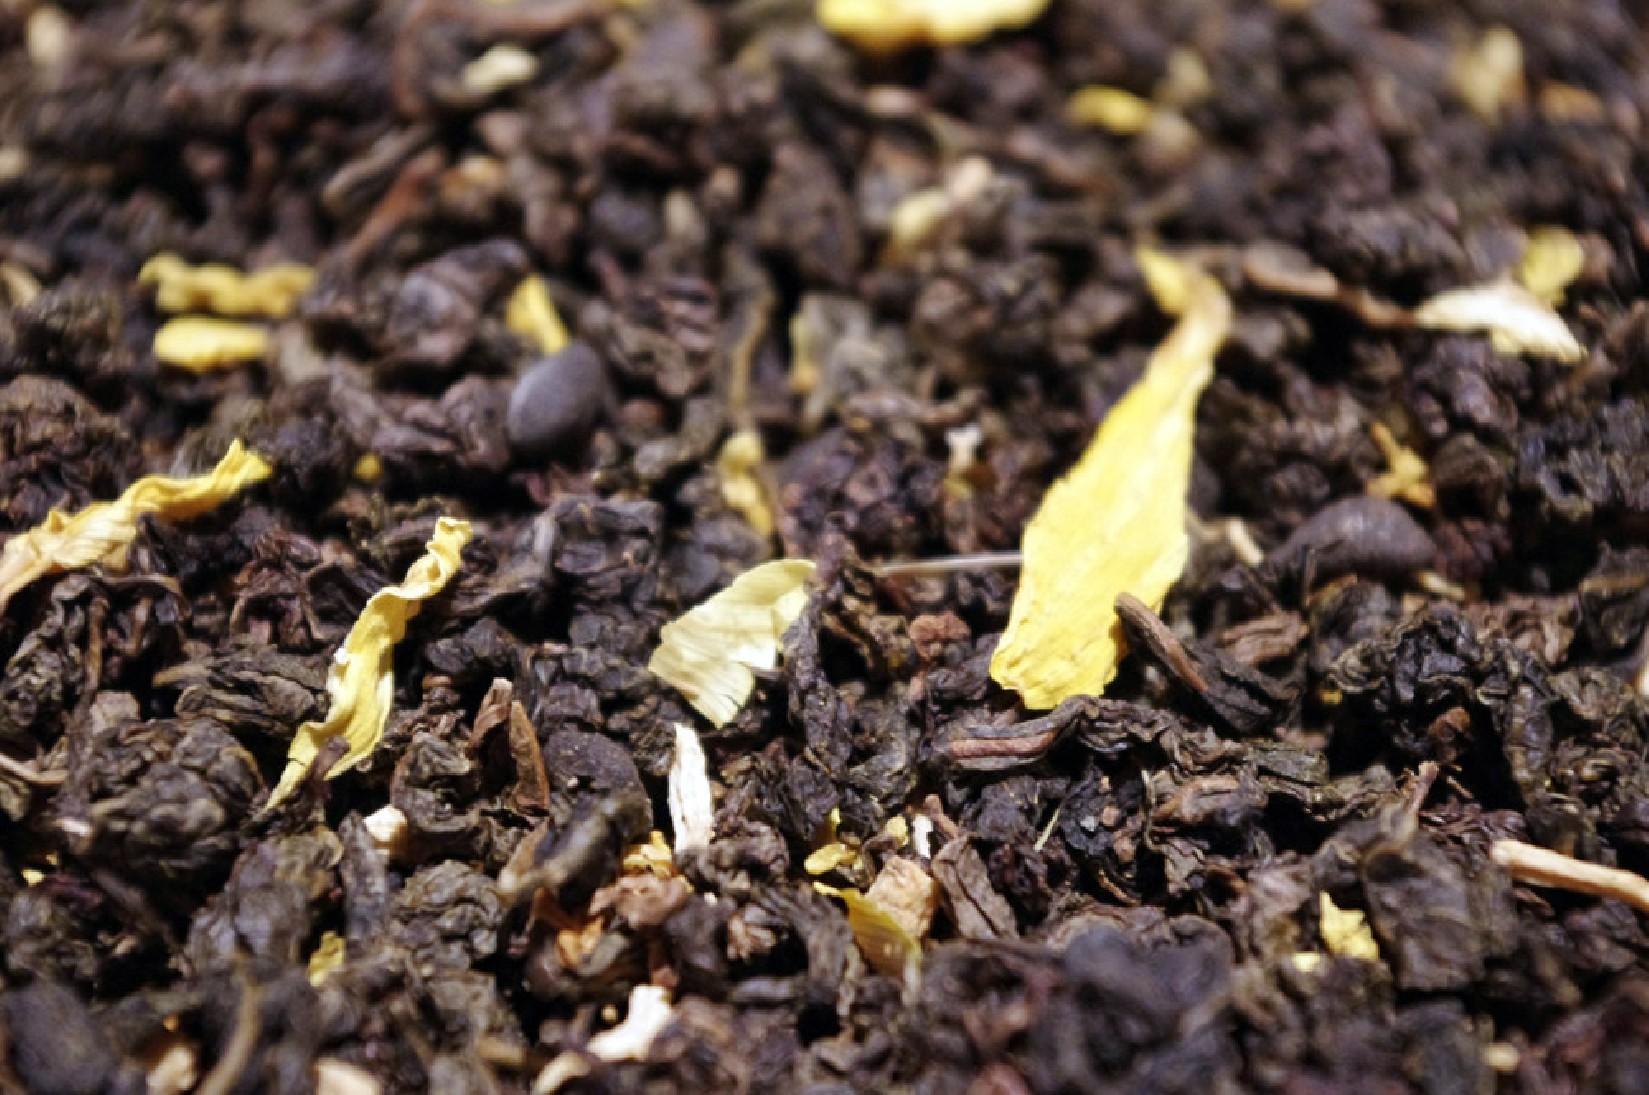 forme bien être thé oolong morceaux de ginseng Tea & Cie boutique en ligne de thé www.teacie.com